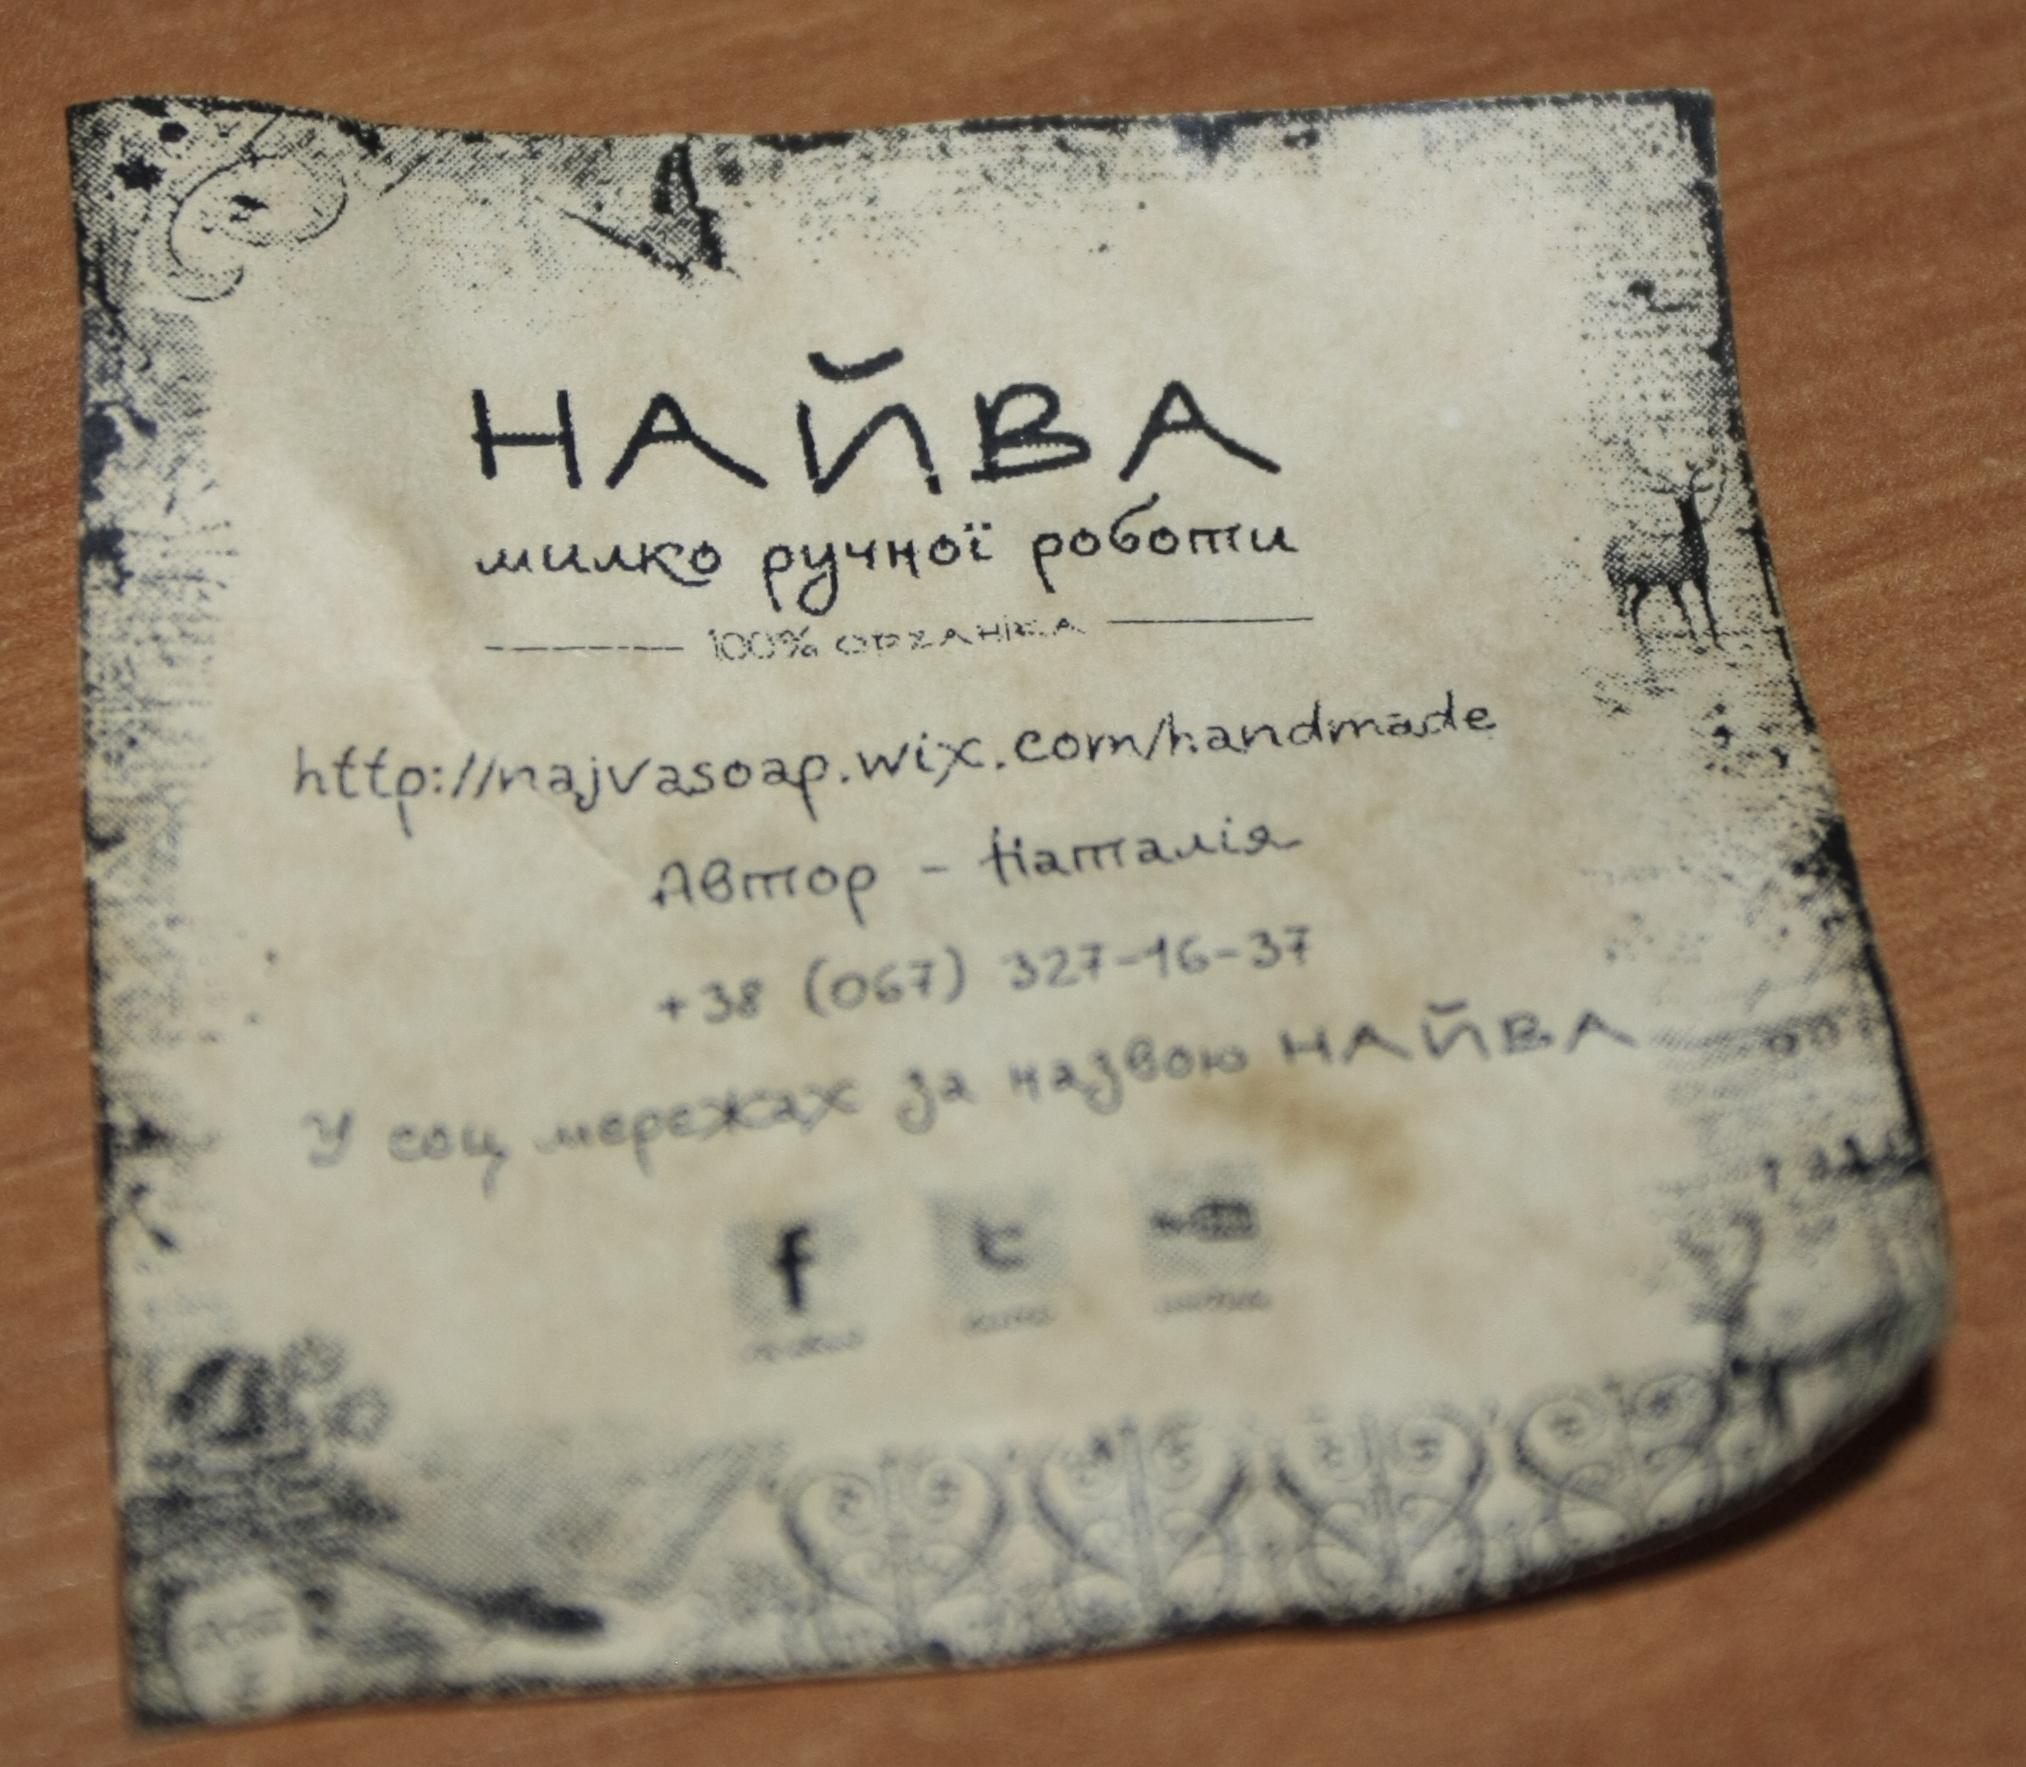 «Найва» — мыло ручной работы от Наталии. Фото: EpochTimes.com.ua